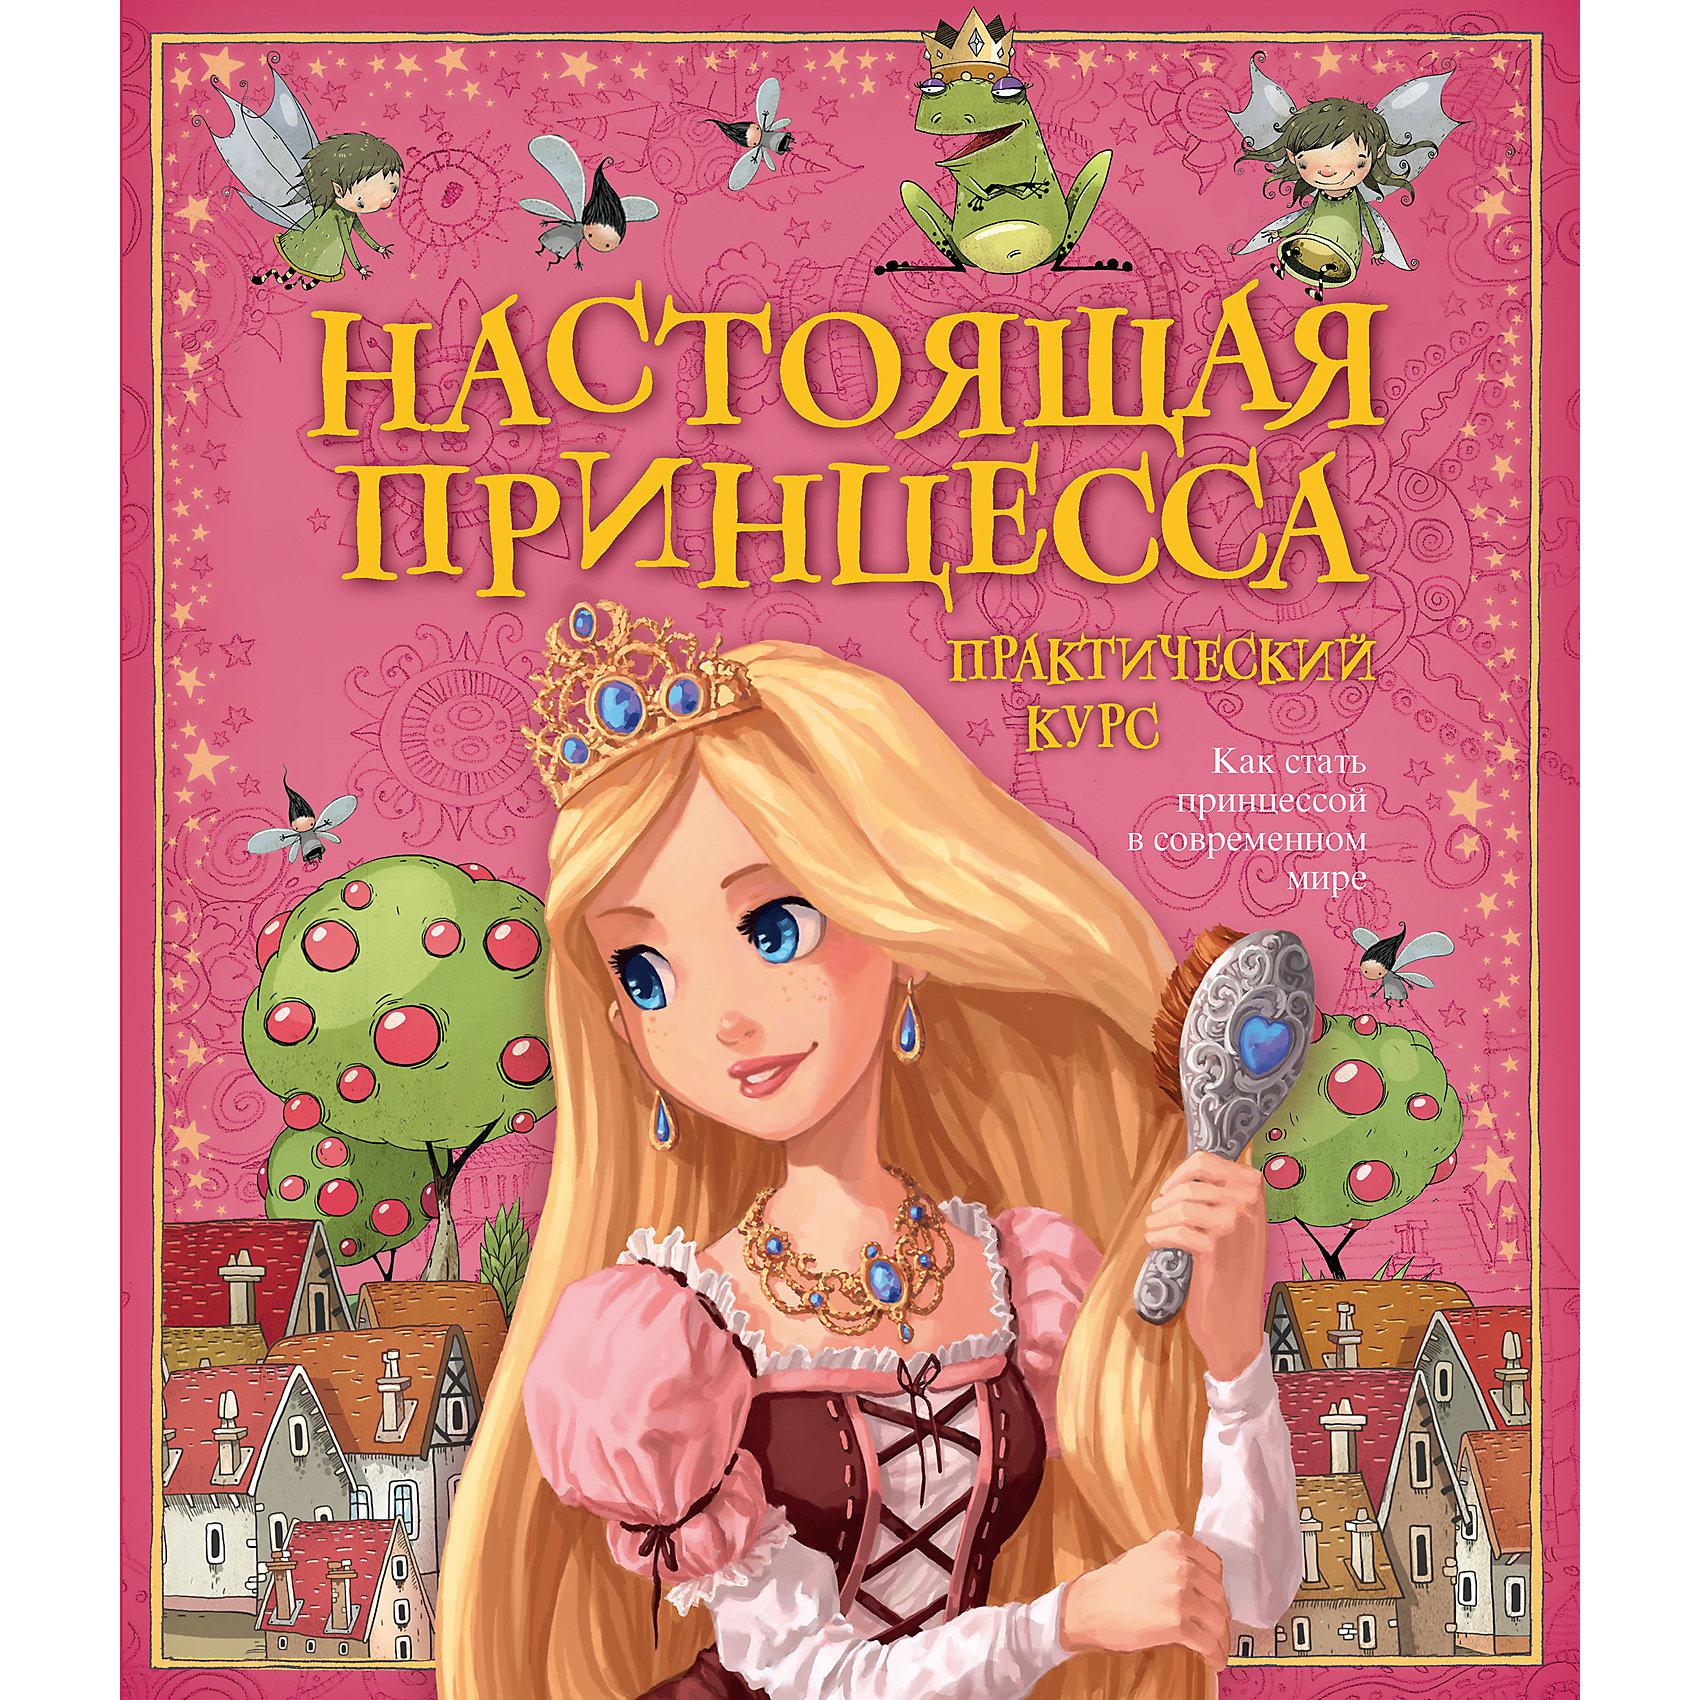 Настоящая принцесса, практический курсХочешь стать настоящей принцессой?<br>Тогда хватит мечтать!<br>Берись за дело и начинай учиться!<br><br>Прочитай эту увлекательную книгу, и ты узнаешь о том, какие бывают принцессы, сколько опасностей подстерегает их в современном мире, а главное, что делают и как ведут себя настоящие принцессы, чтобы выглядеть по-королевски.<br><br>Ширина мм: 260<br>Глубина мм: 295<br>Высота мм: 400<br>Вес г: 636<br>Возраст от месяцев: 132<br>Возраст до месяцев: 168<br>Пол: Женский<br>Возраст: Детский<br>SKU: 4818101